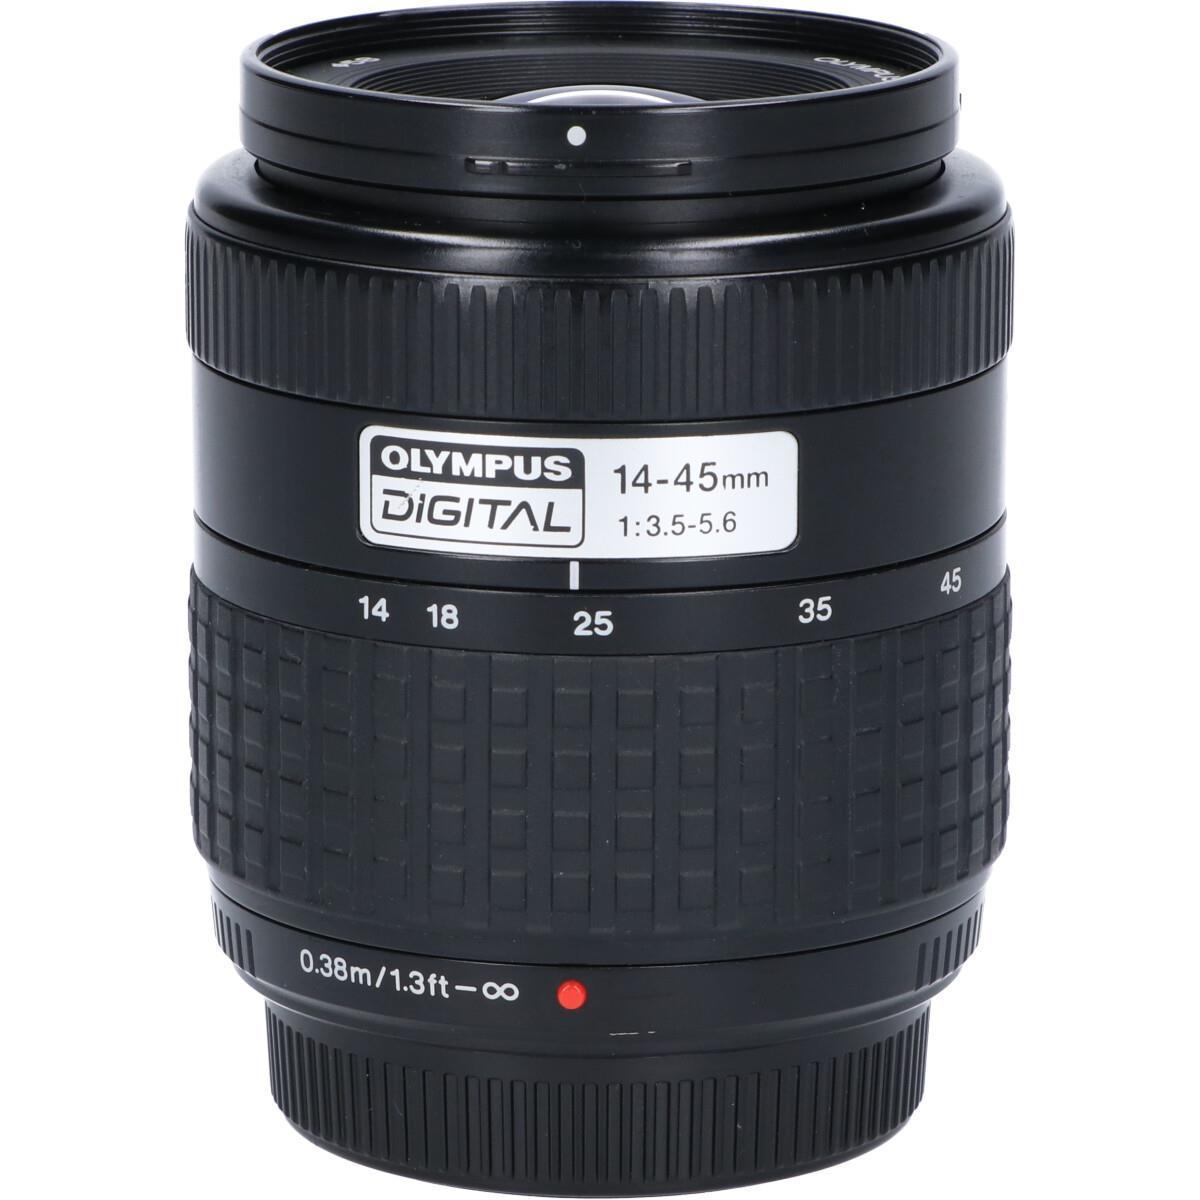 OLYMPUS ZD14-45mm F3.5-5.6